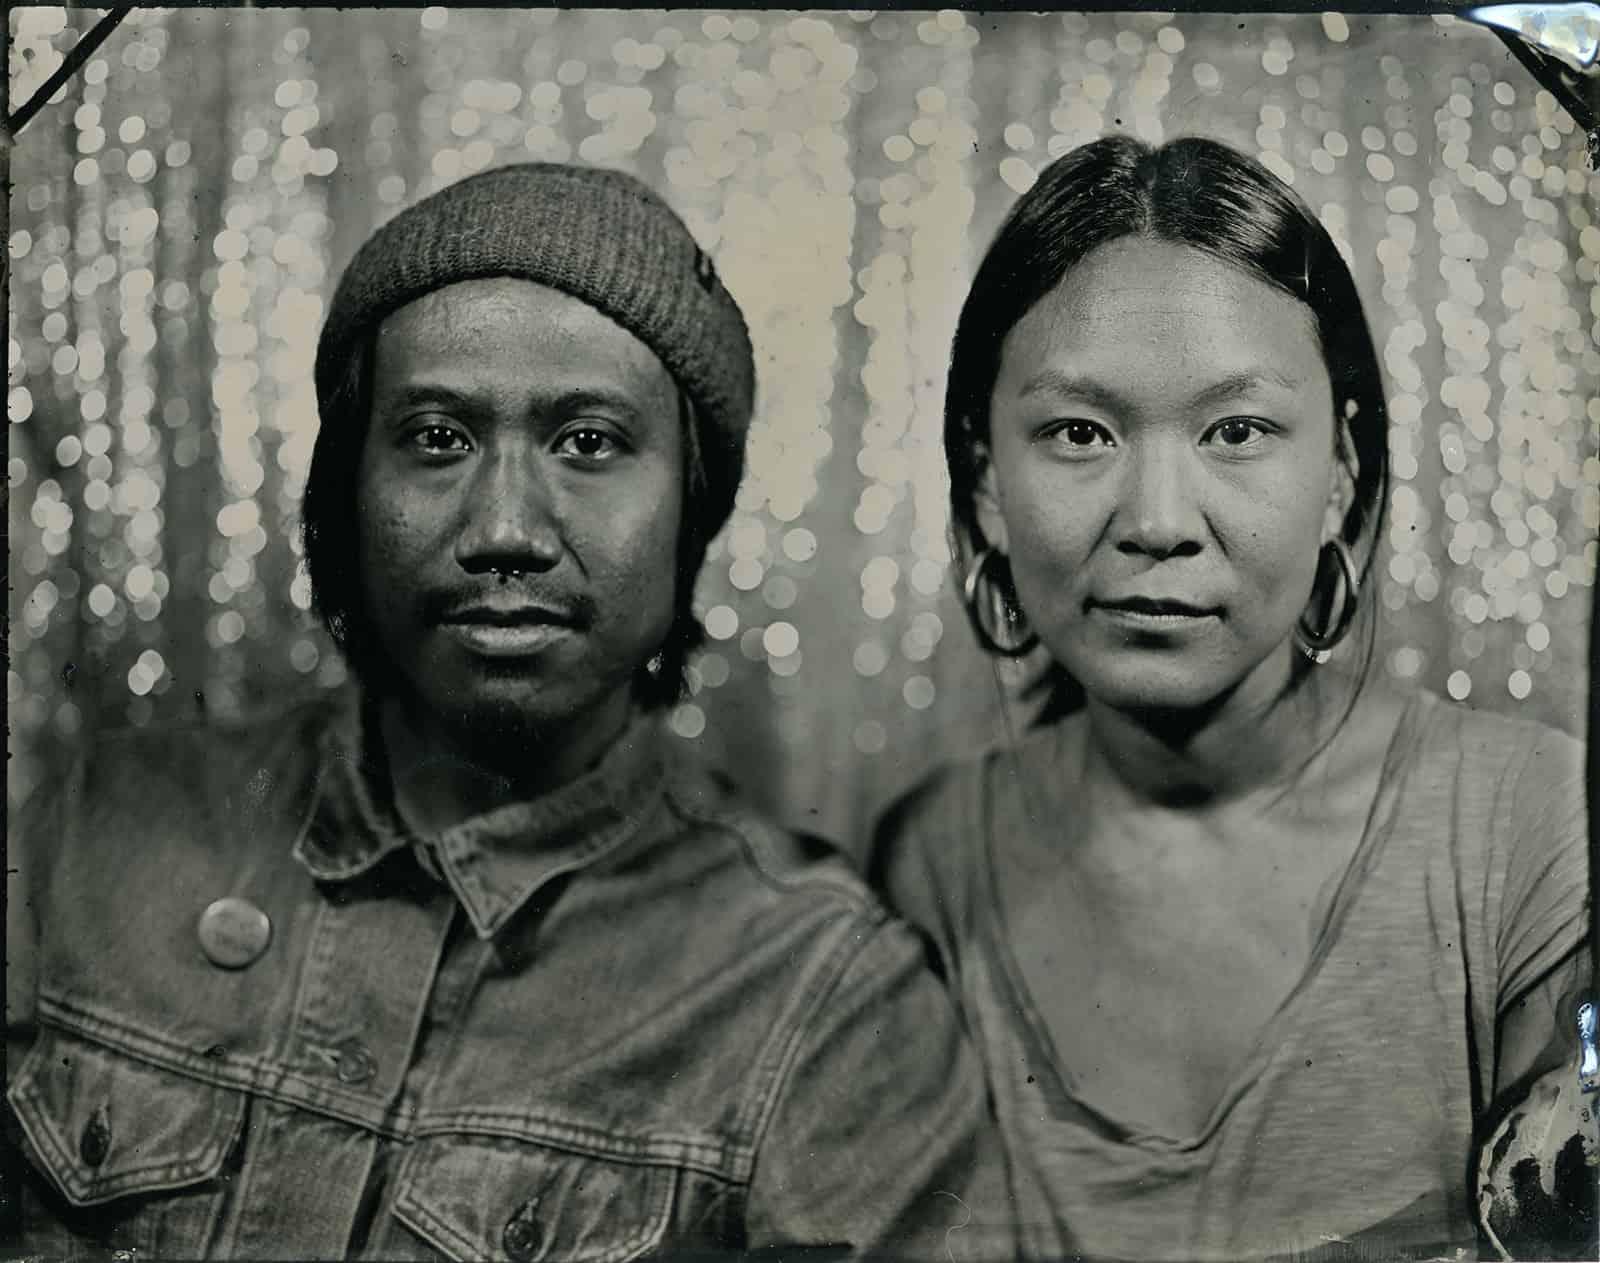 couple tintype portrait